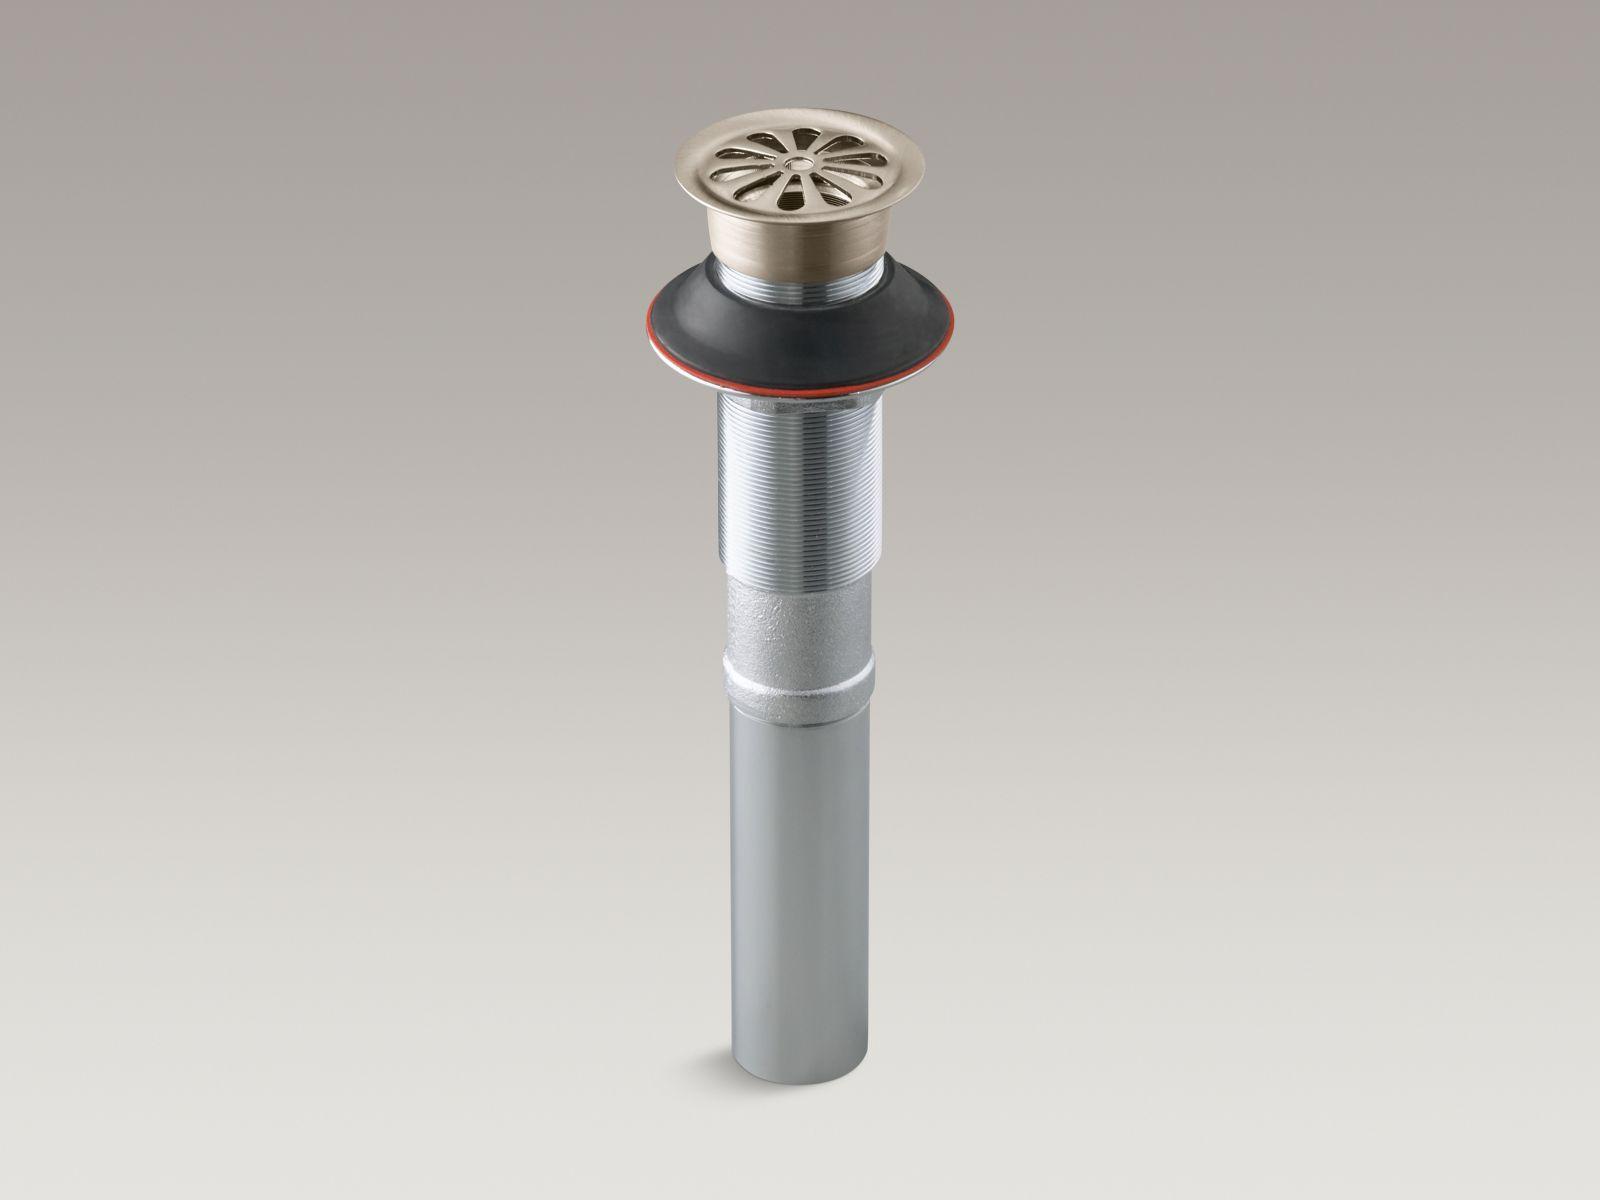 Kohler K-7129-BV Bathroom Sink Grid Drain without Overflow Vibrant Brushed Bronze